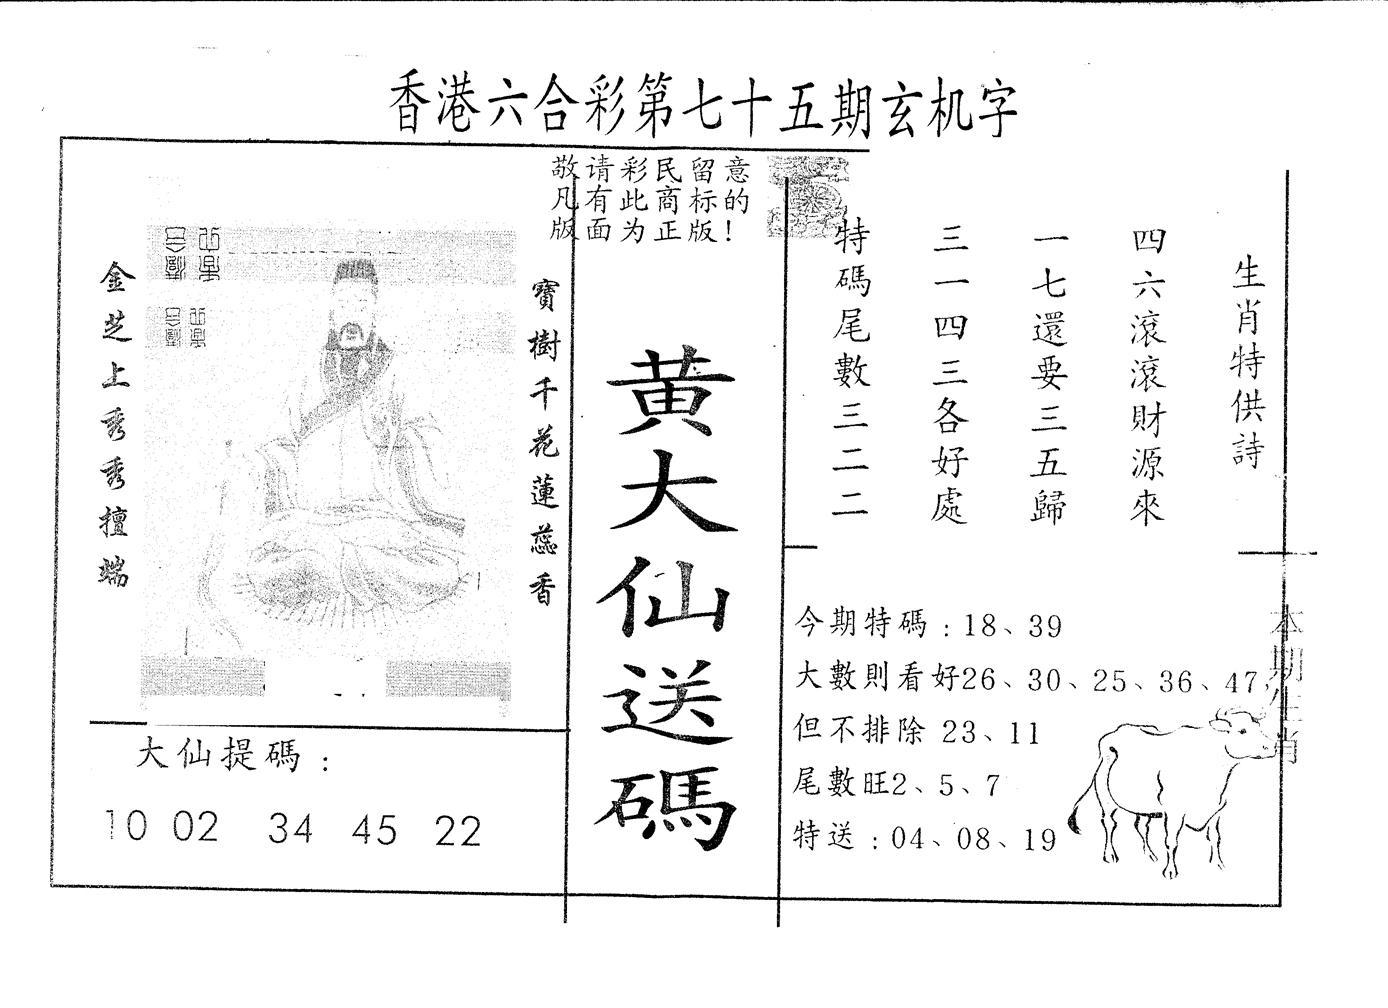 075期另版新三怪(黑白)